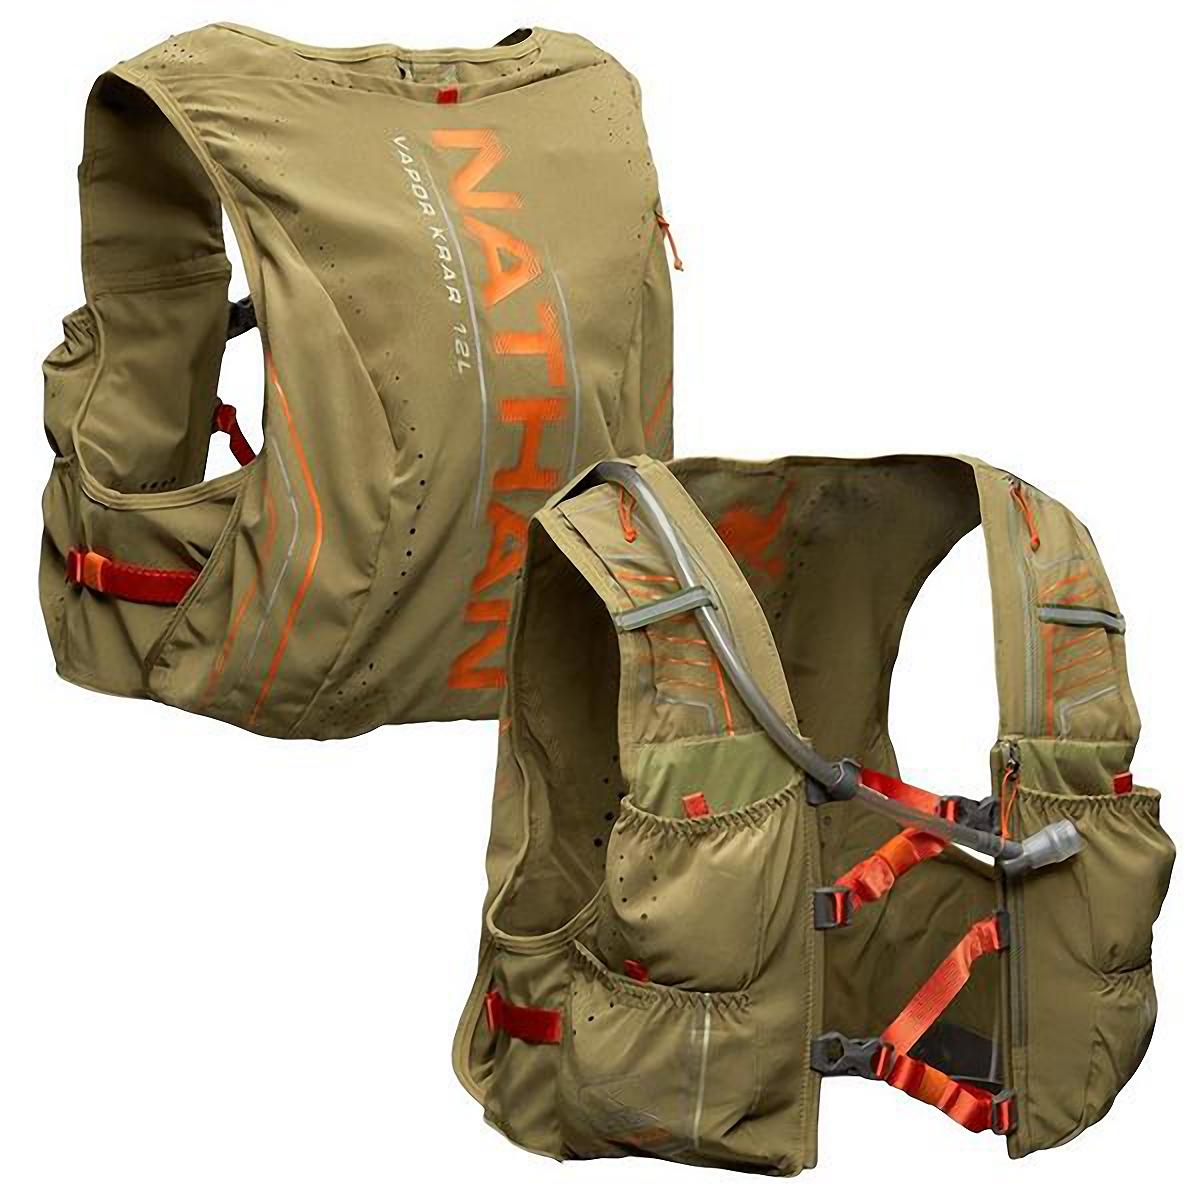 Men's Nathan Vaporkrar 2.0 12 L Race Vest - Color: Mosstone/Exuberance - Size: S, Mosstone/Exuberance, large, image 4